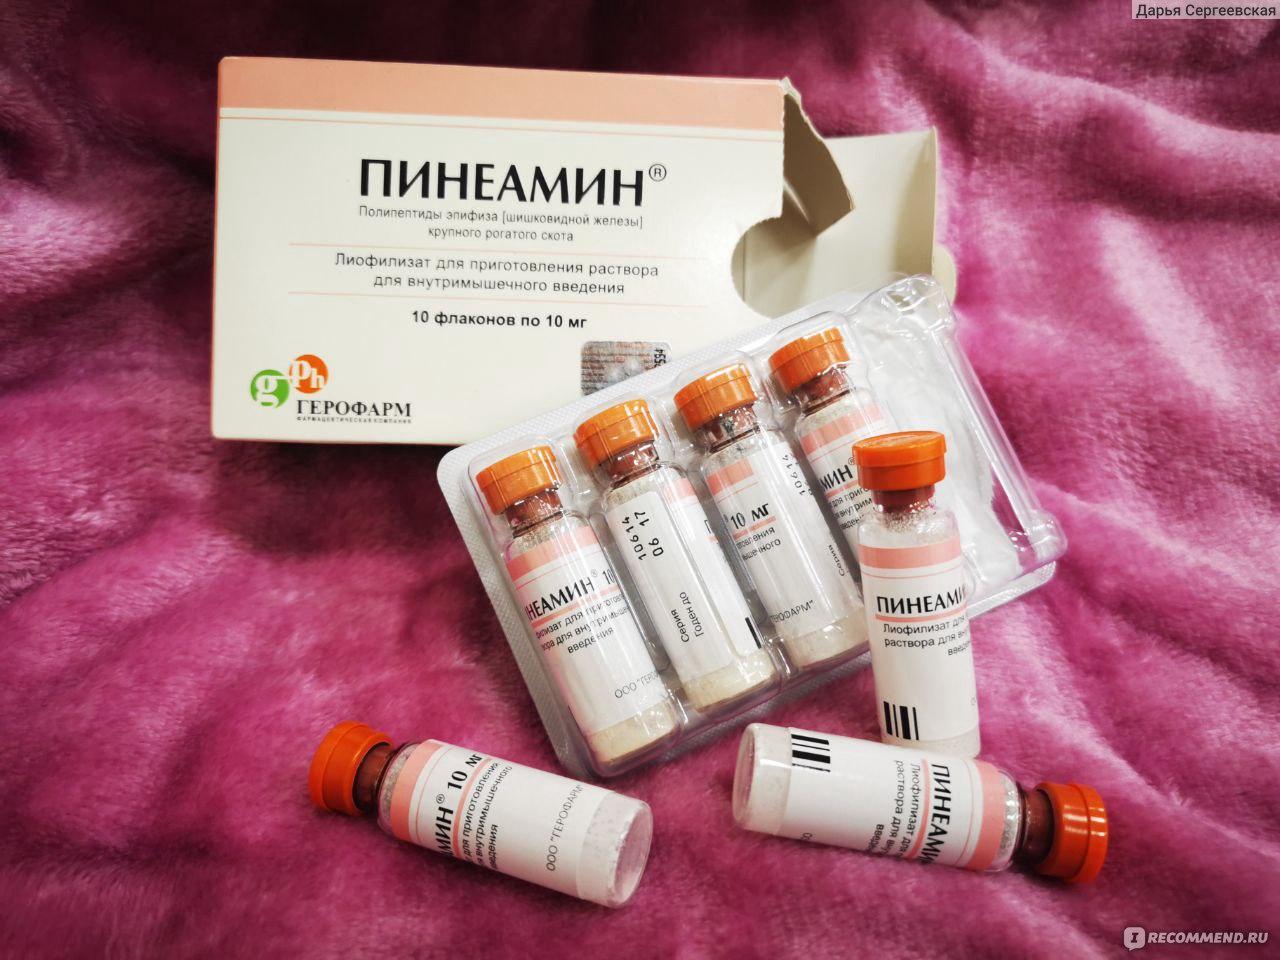 Инъекции «пинеамин»: новый препарат для лечения климакса, механизм его действия, состав и противопоказания